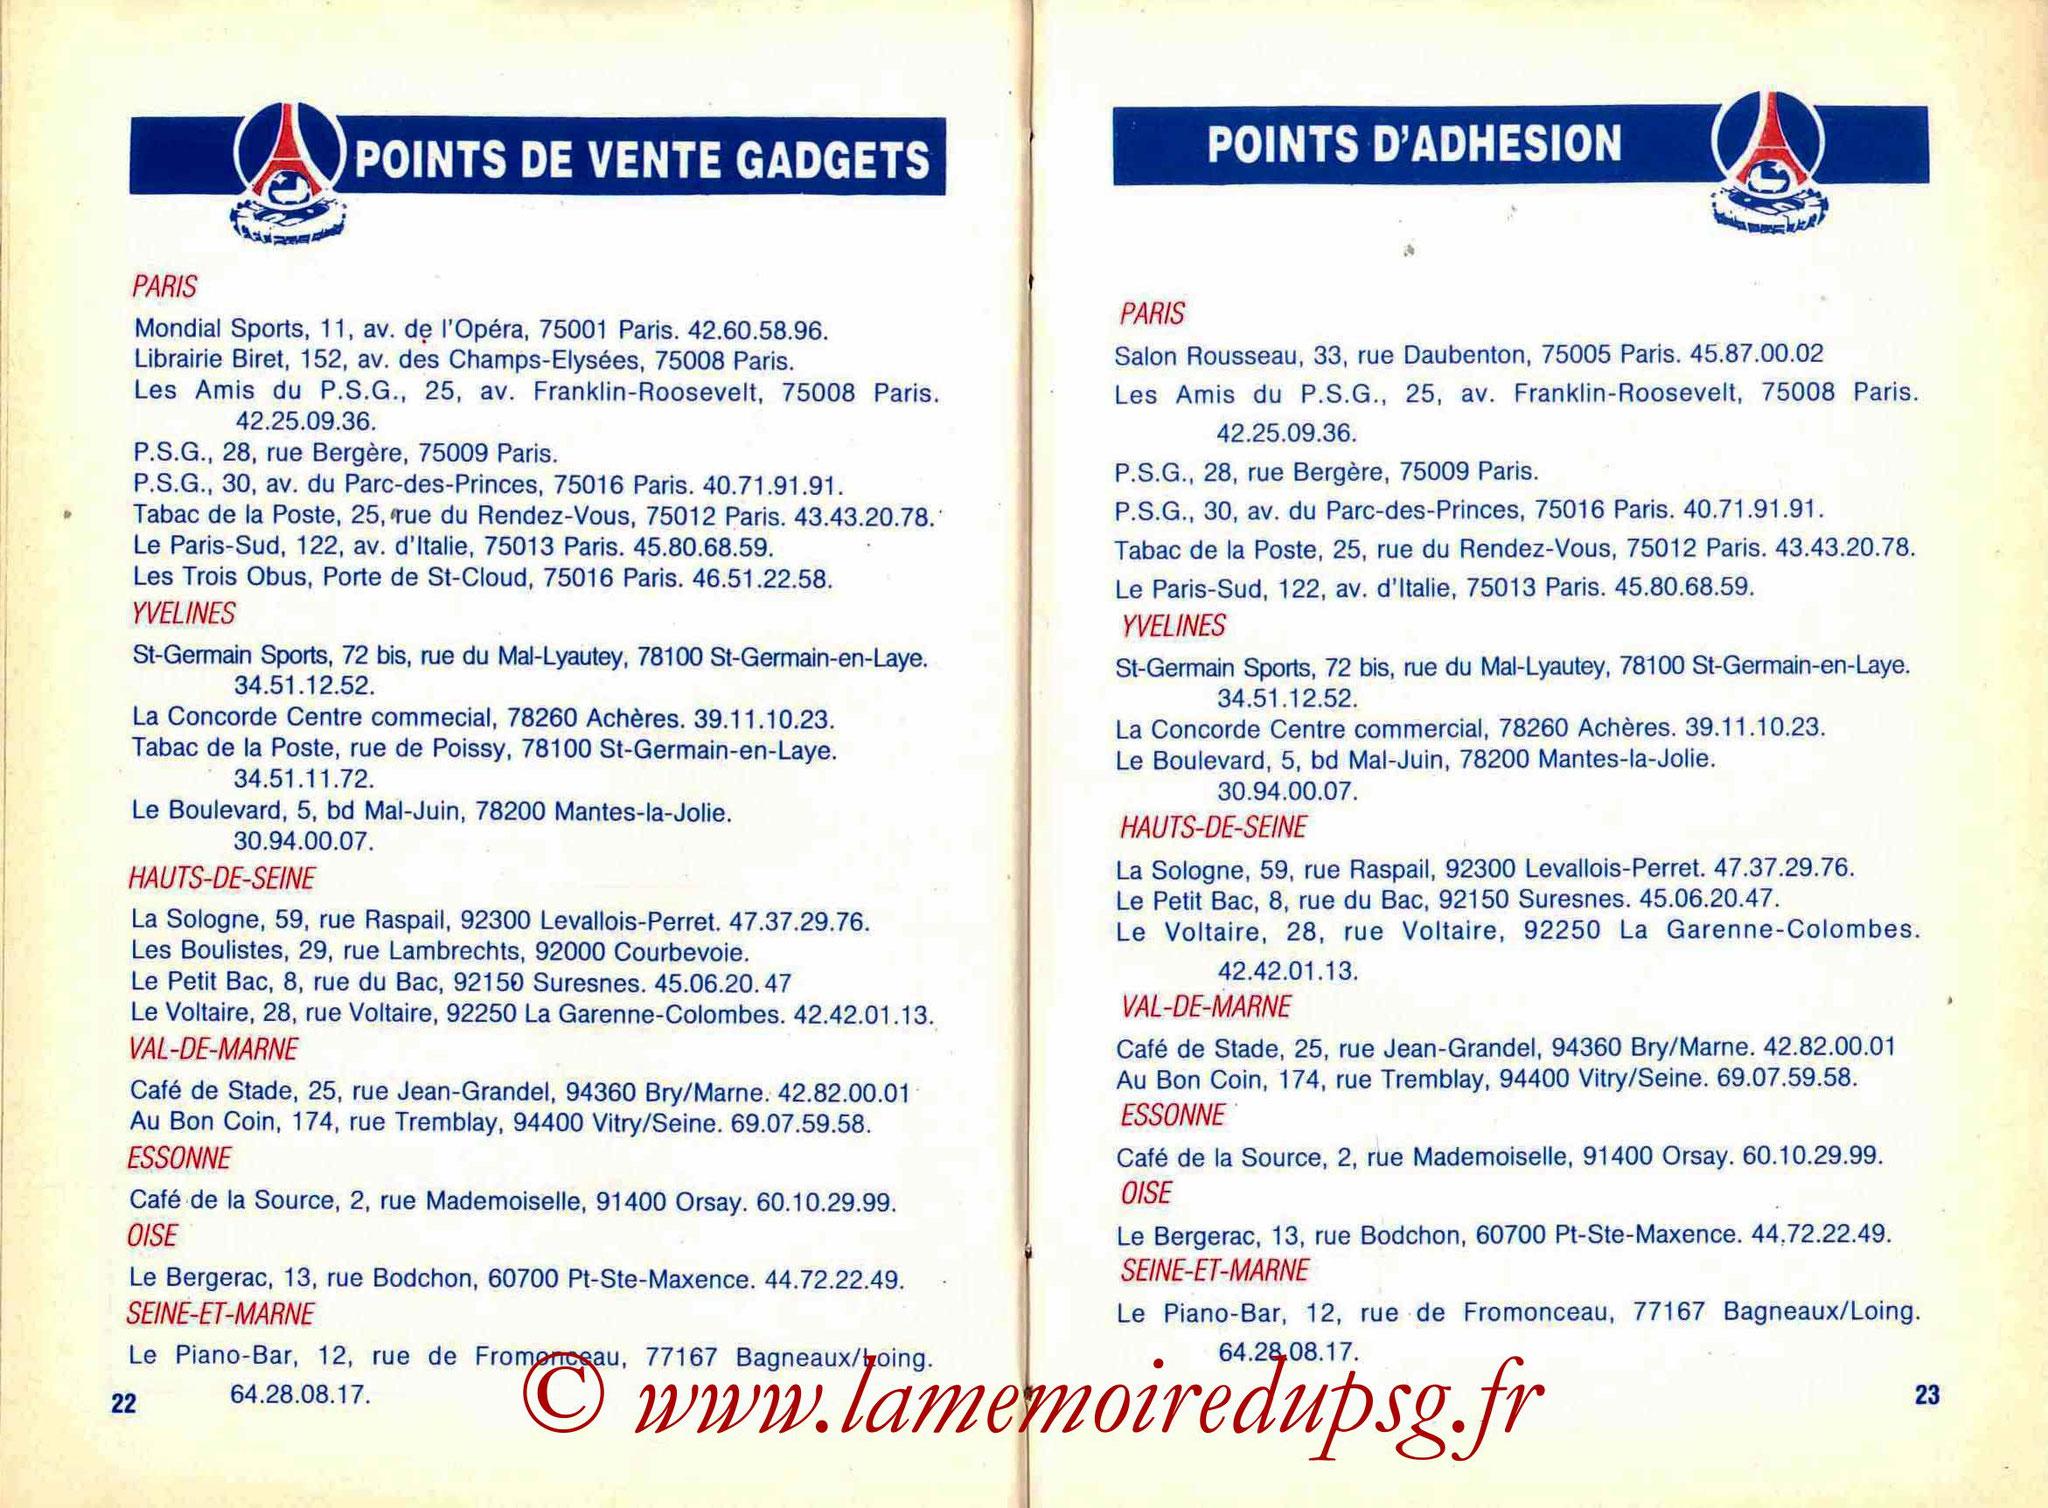 1988-89 - Guide de la Saison PSG - Pages 22 et 23